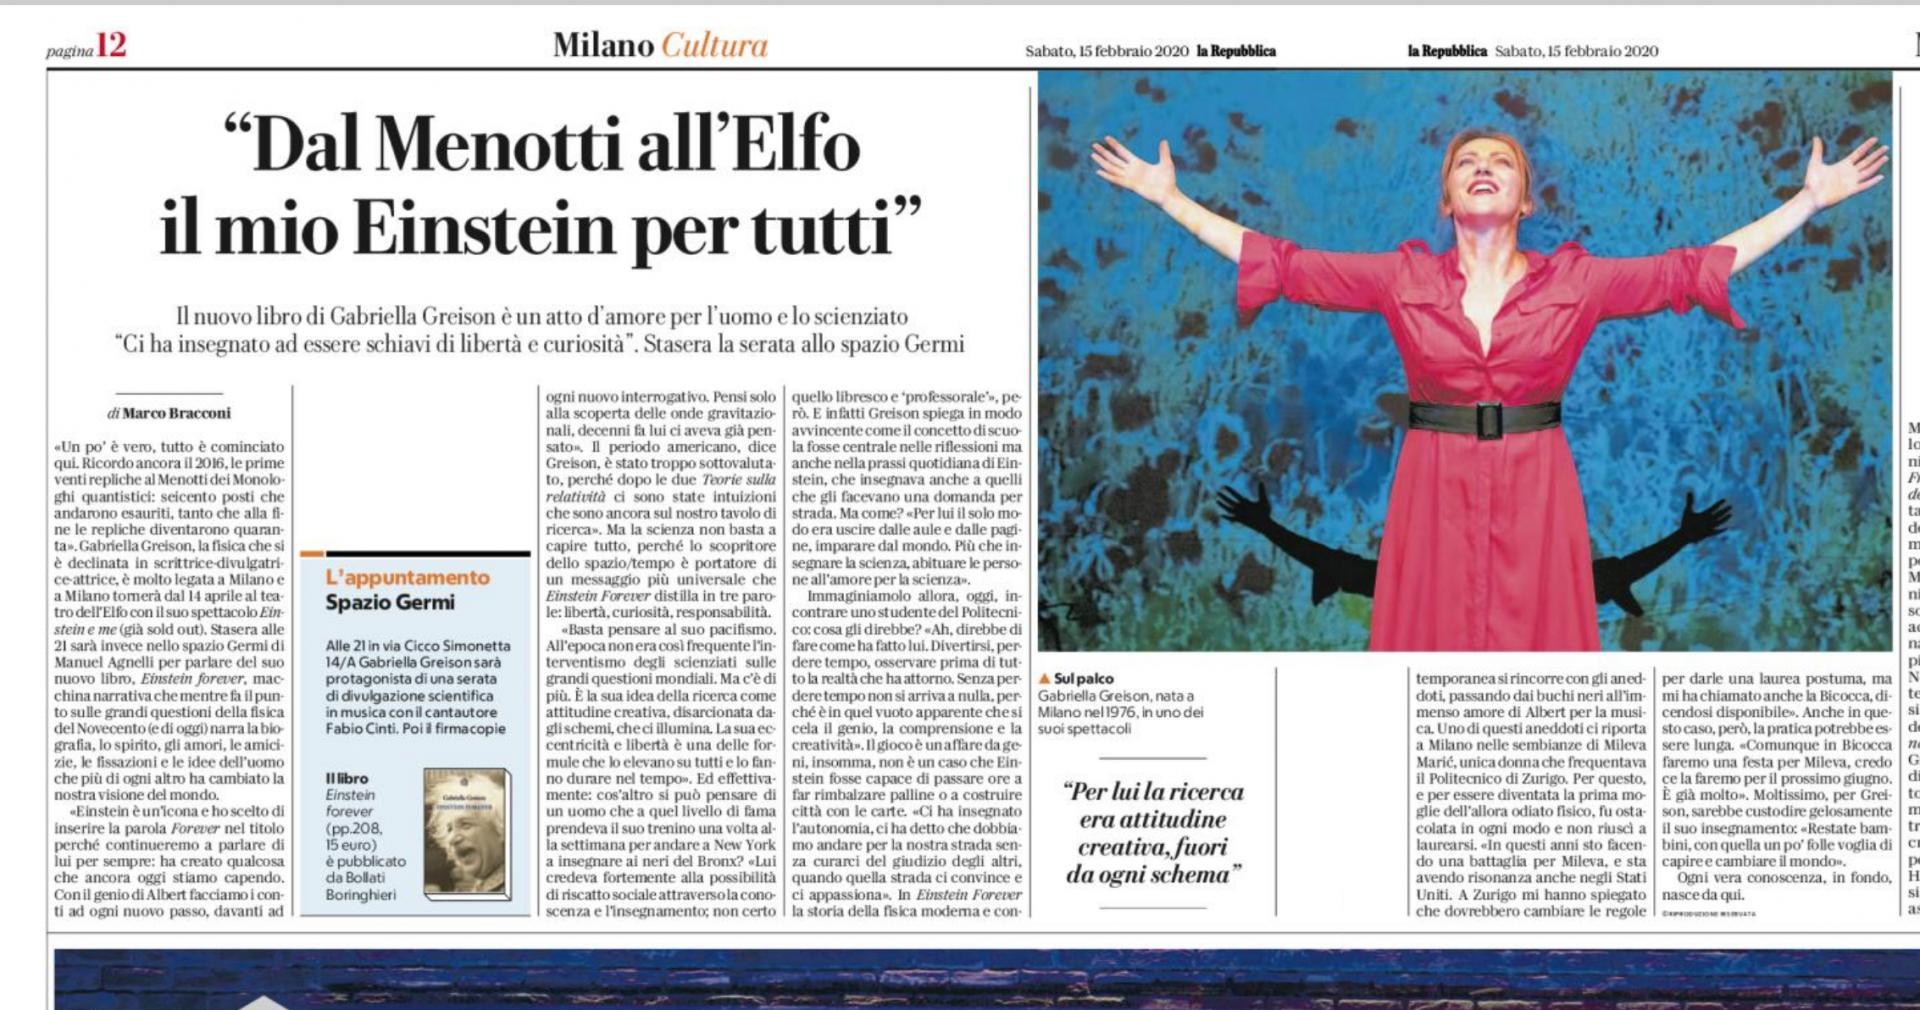 """Mi hanno intervistato raccontando le tracce che sto lasciando per Milano: """"Dal Menotti all'Elfo il mio Einstein è per tutti"""", due pagine su Repubblica!"""